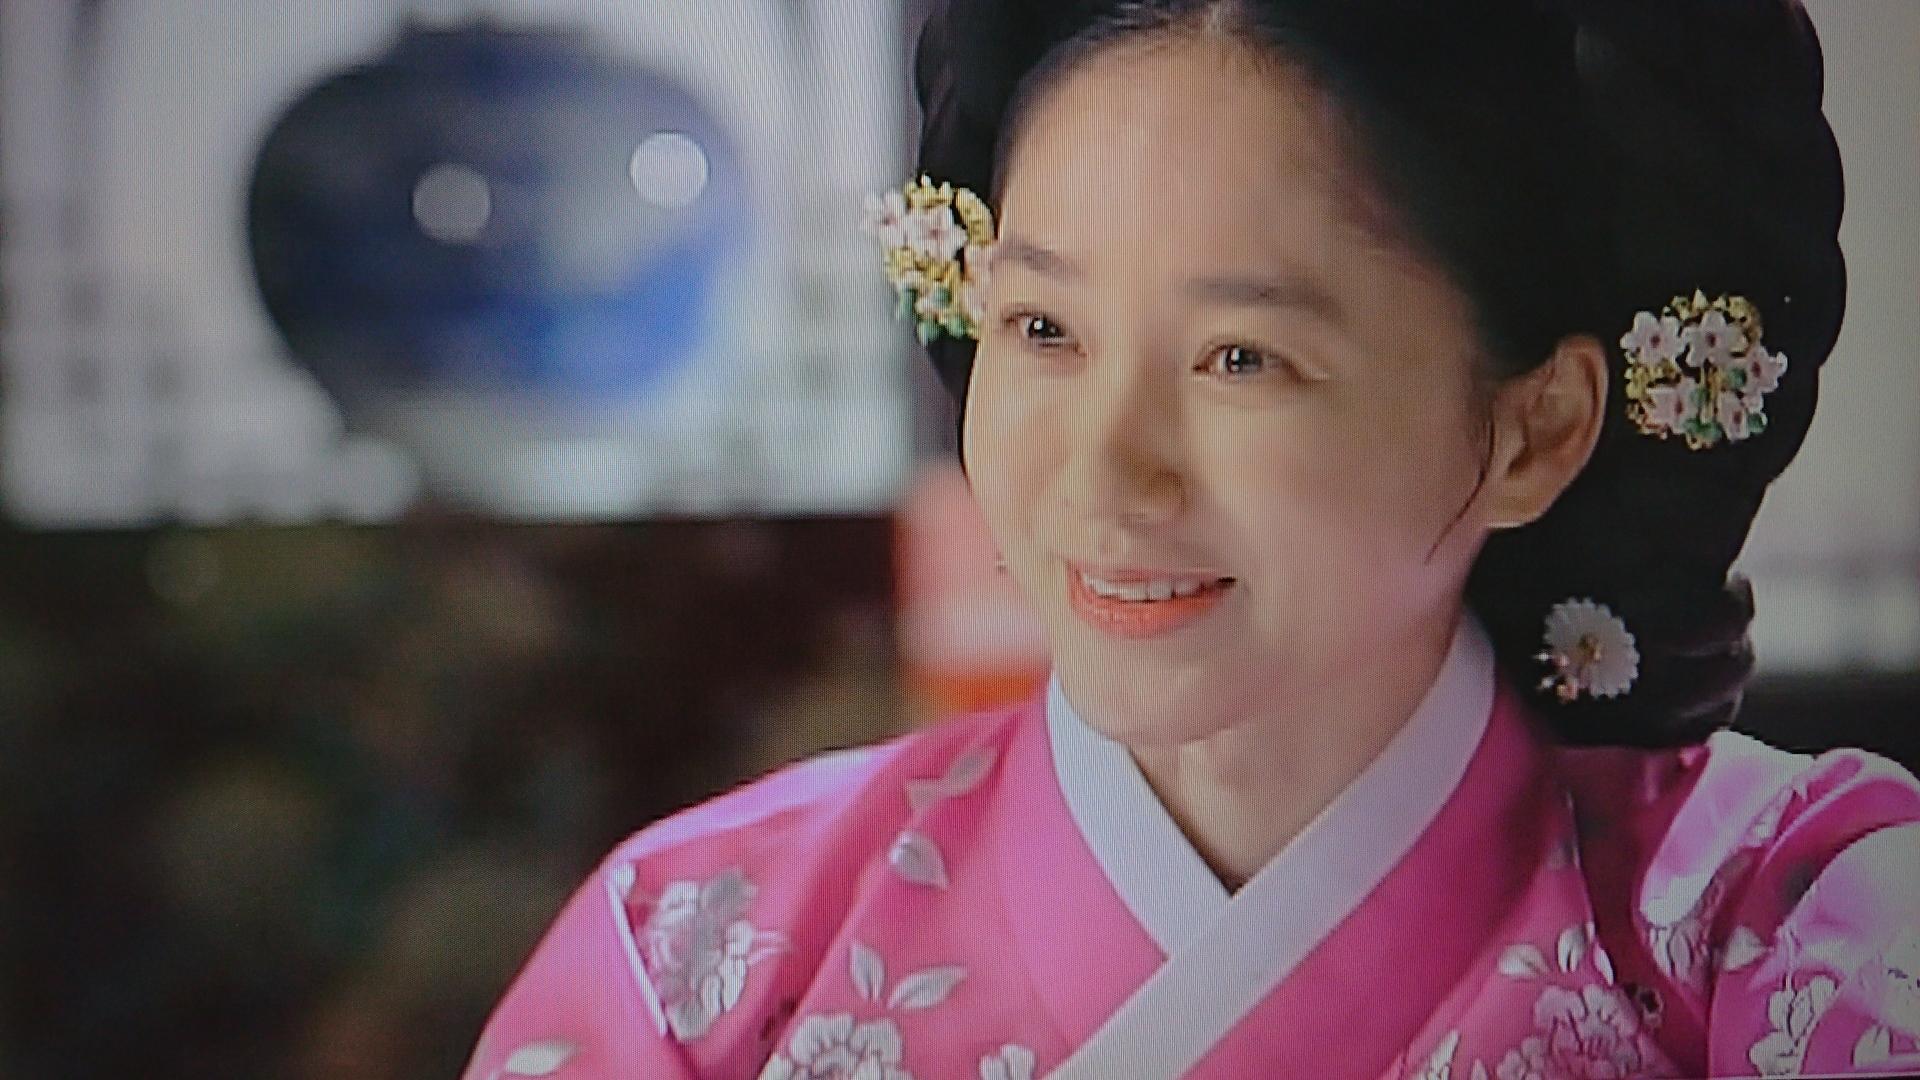 ドラマ オクニョ あらすじ 韓国 最終回の韓国時代劇『オクニョ』の本当の結末?史書に記された登場人物の最期とは(慎武宏)